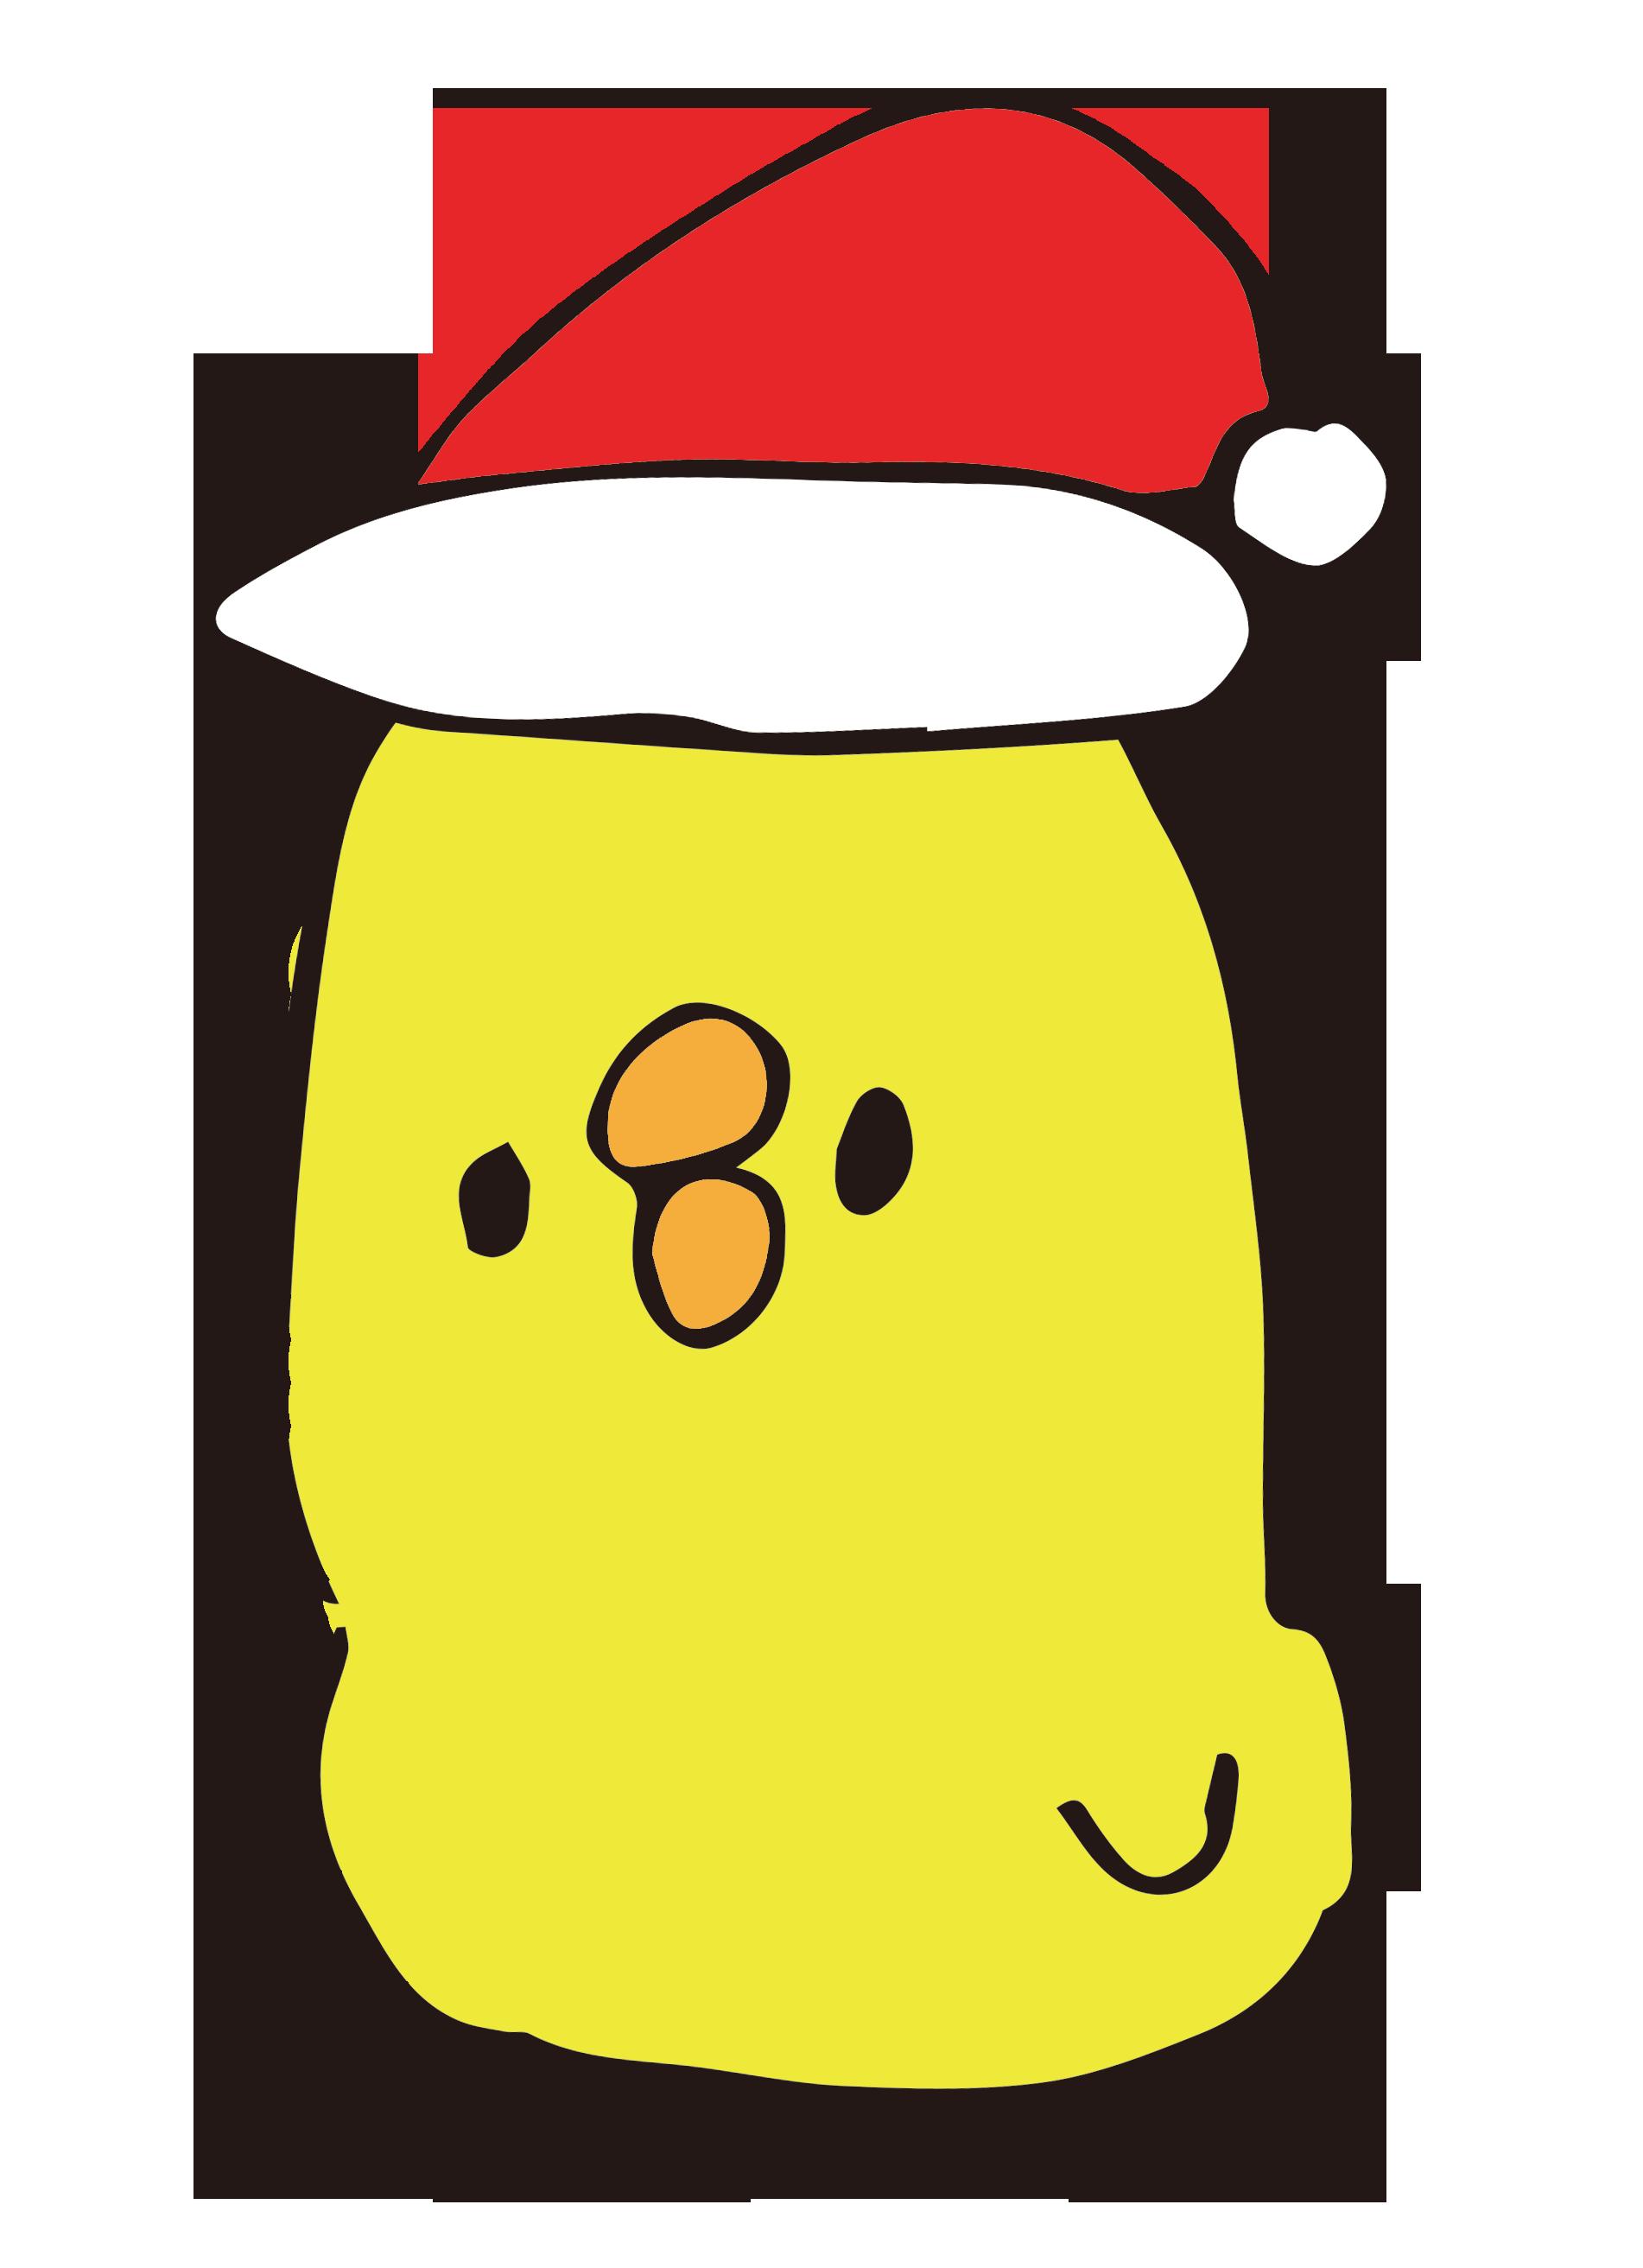 頭が長いクリスマスひよこ